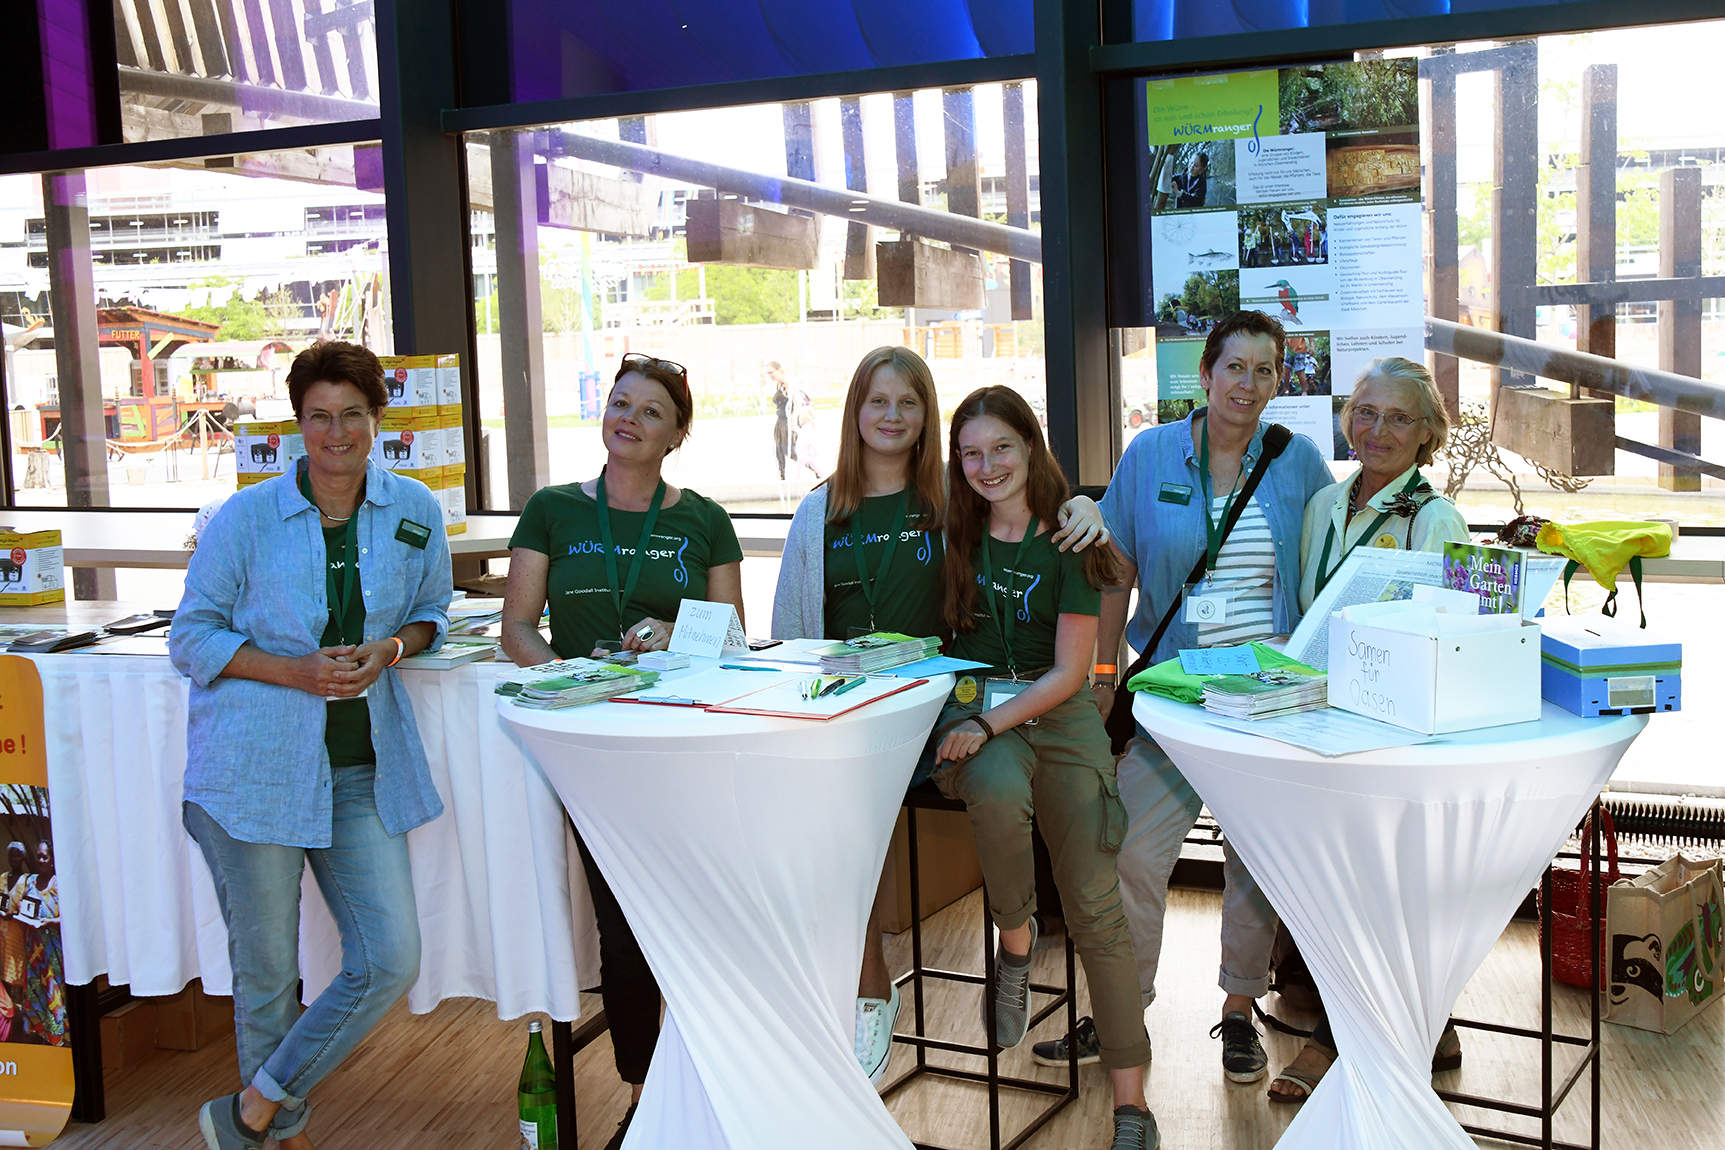 Der Stand der Würmranger, von rechts nach links: Ursula, Evi, Mara, Viktoria, Rafaela, Beatrice. Die anderen sind in den Pfingstferien.